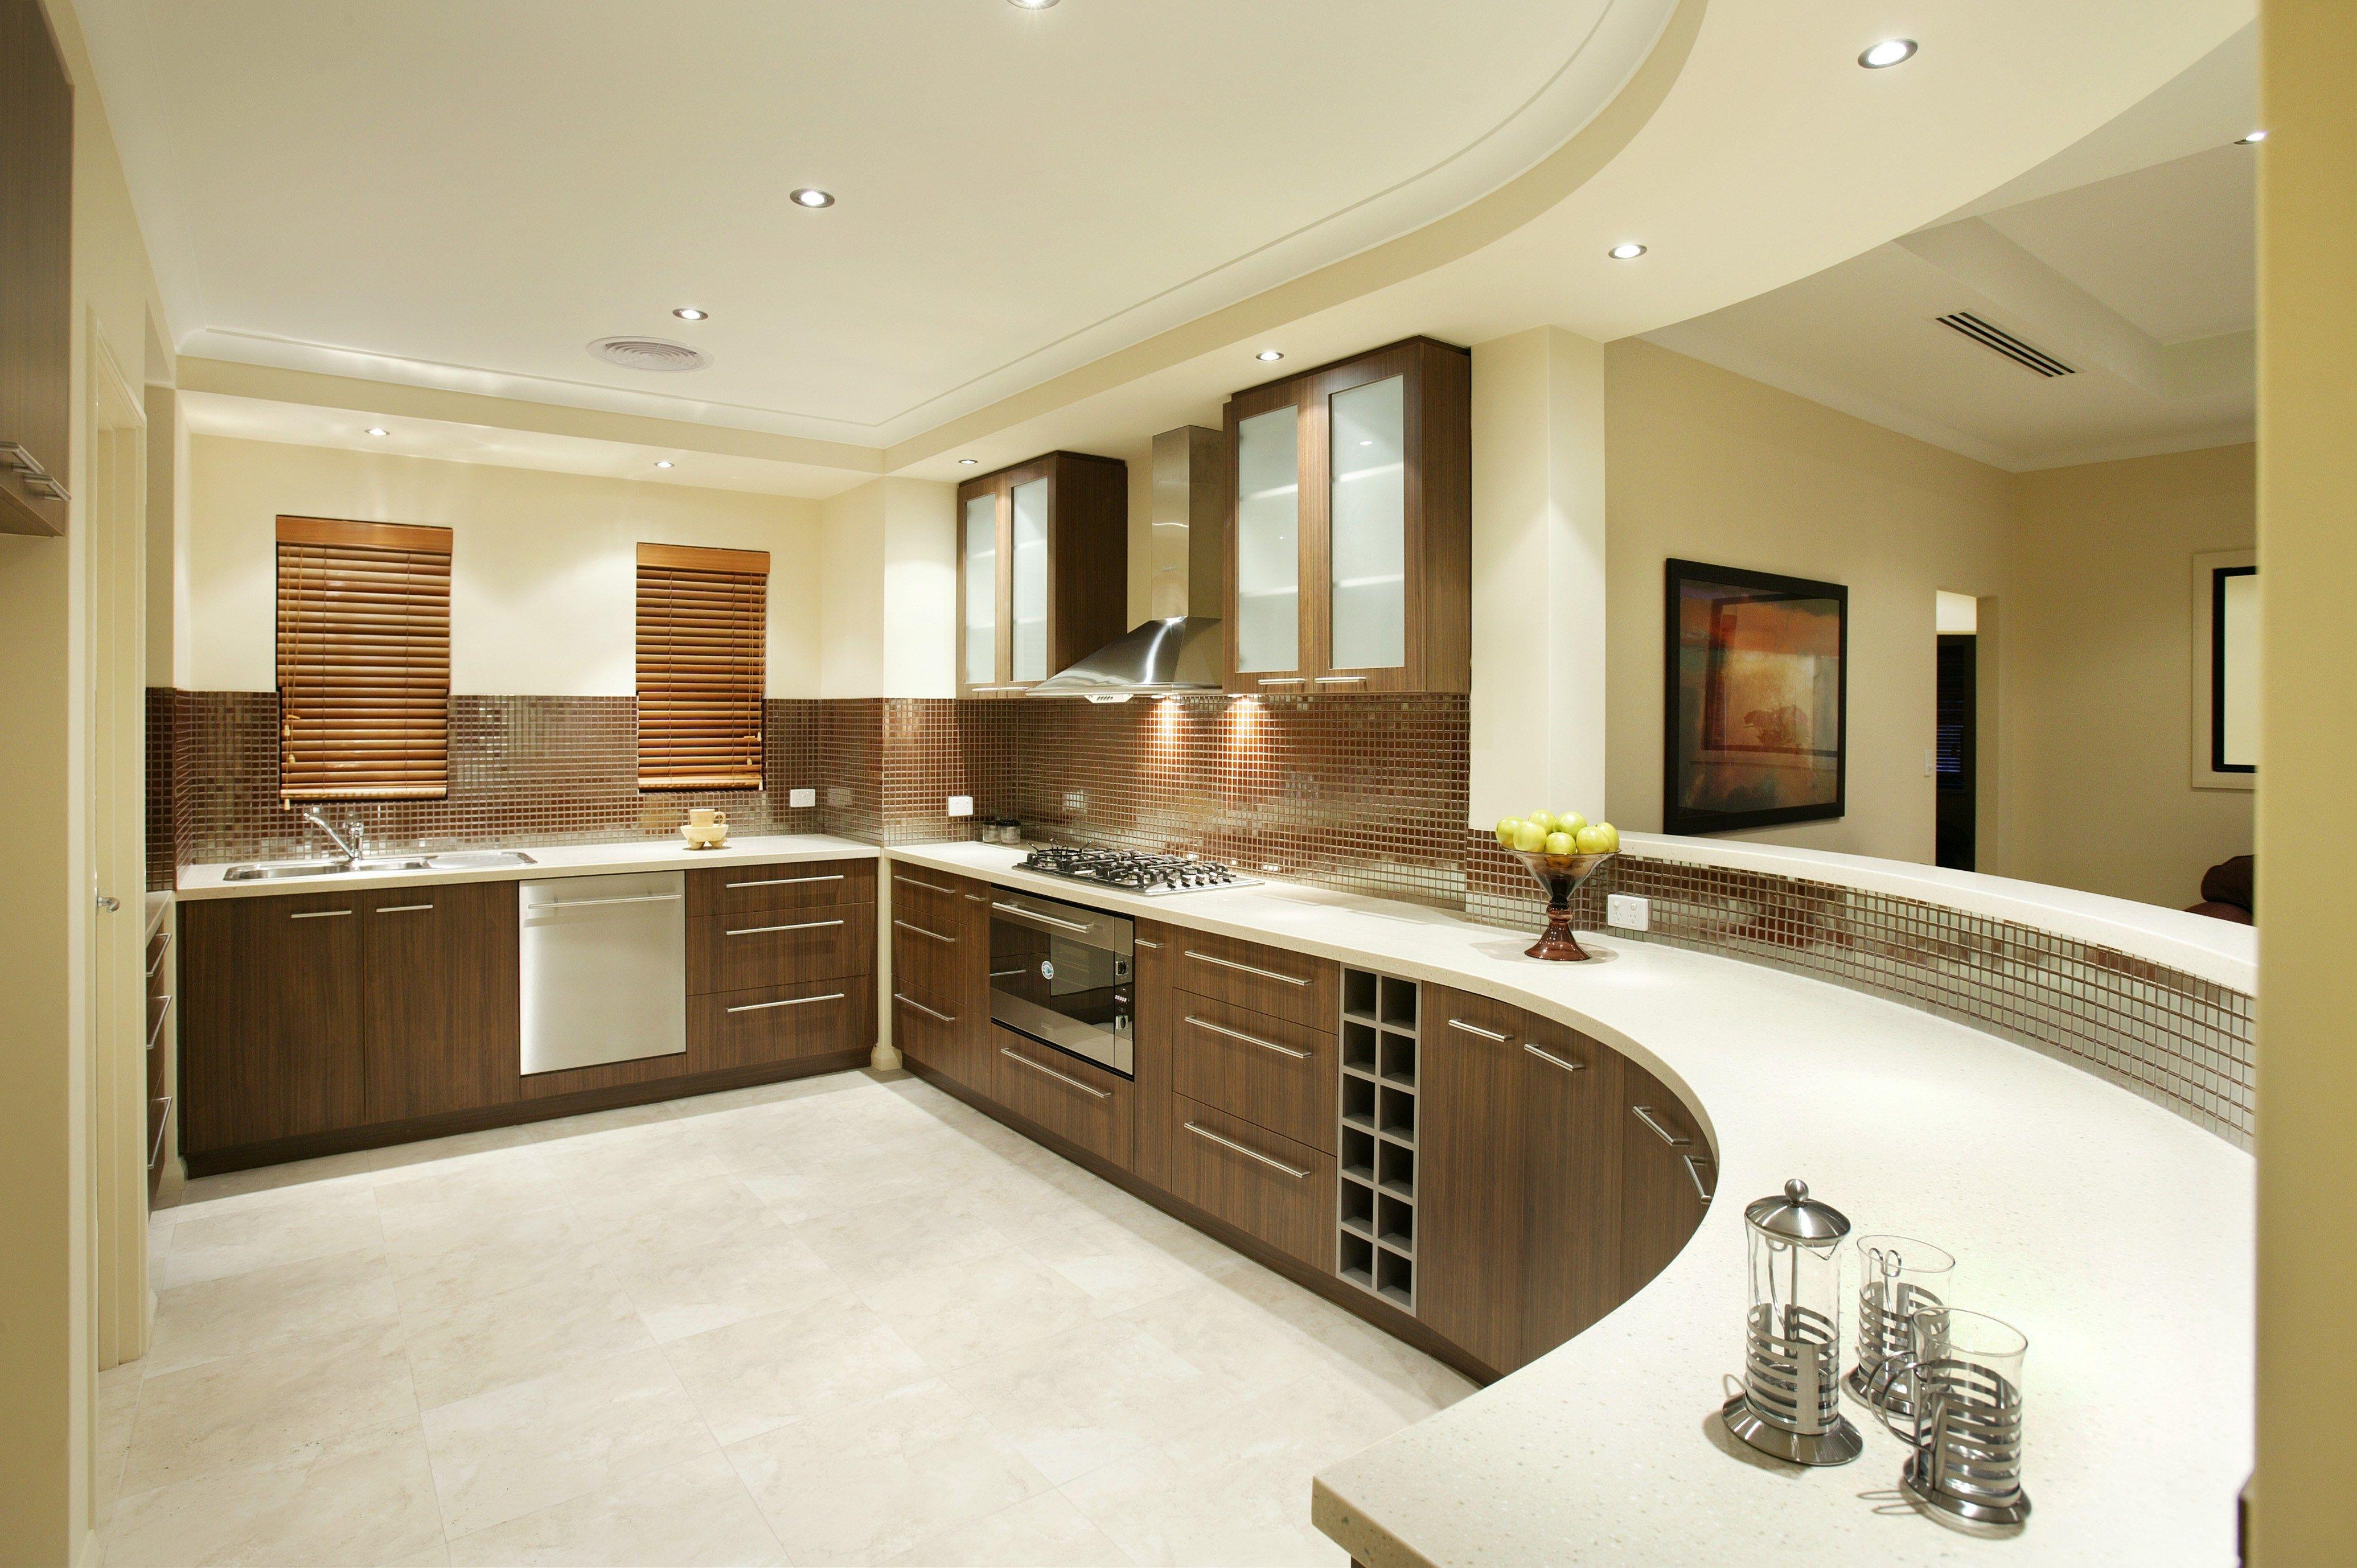 Interior Exterior Plan Home Kitchen Design Display Dining Kitchen Interior  Designs Subin Surendran Architects